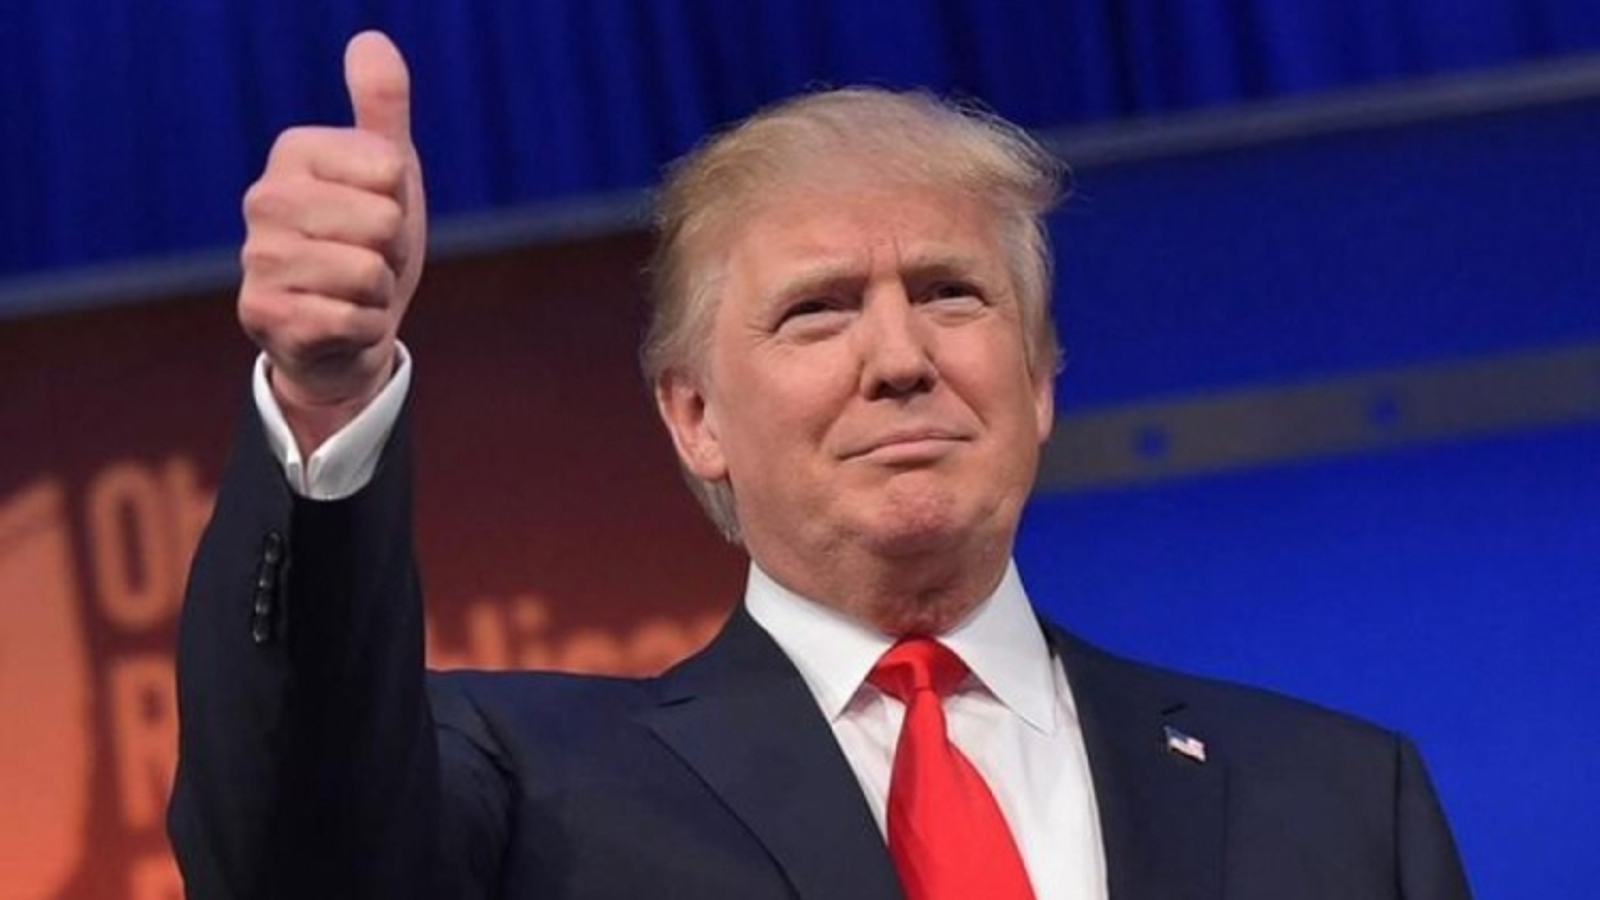 Trump là người được ngưỡng mộ nhất tại Mỹ, kết thúc danh hiệu 12 năm của Obama